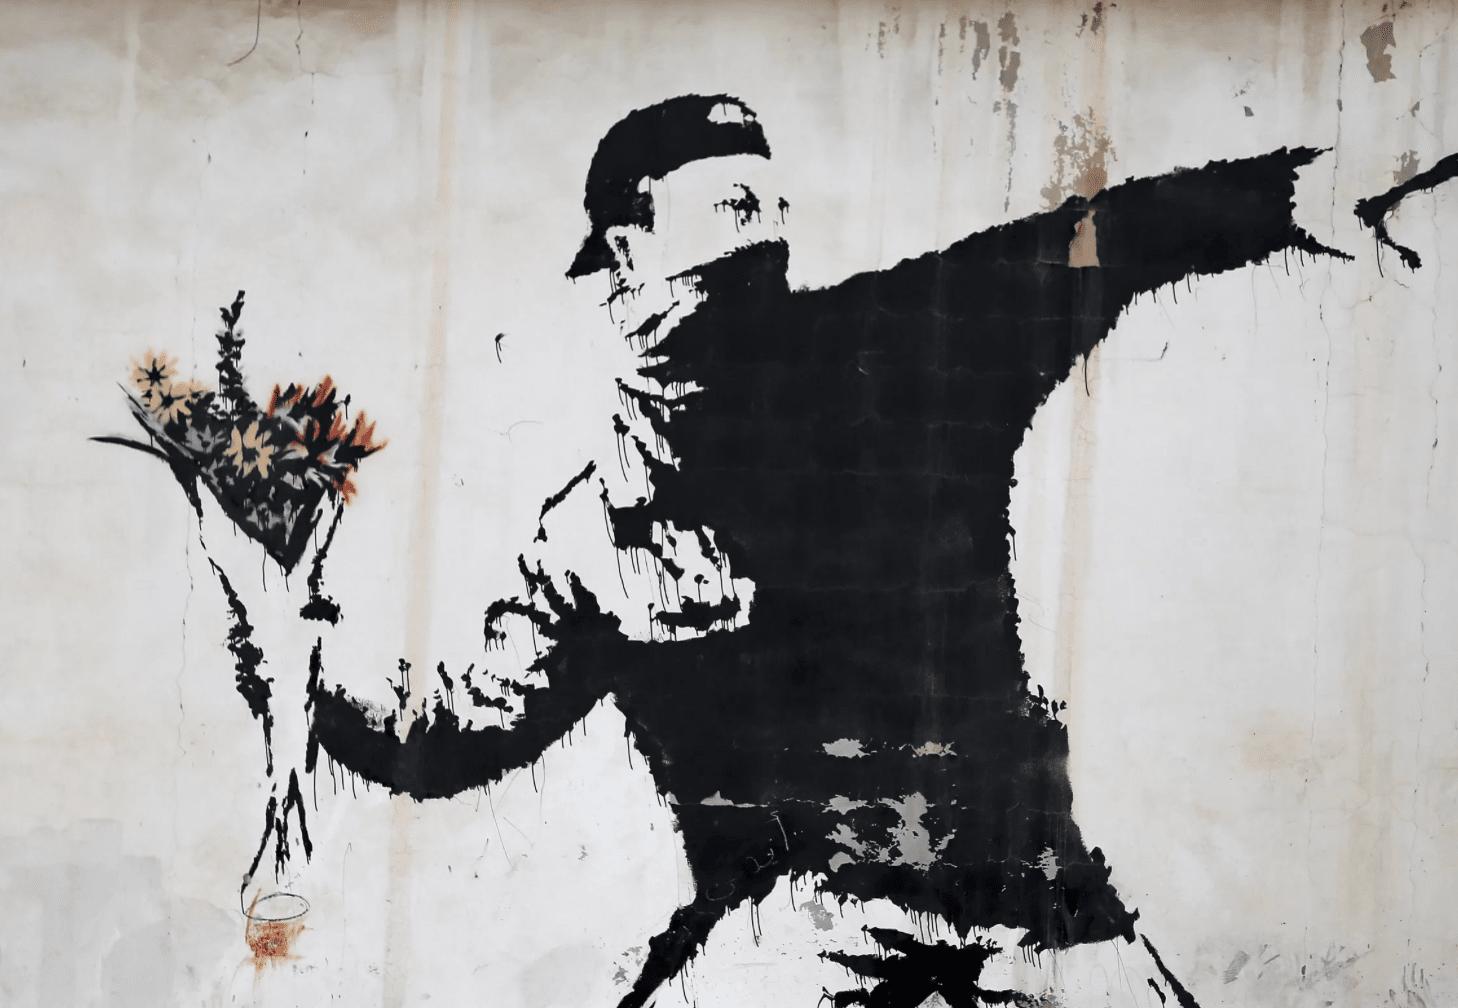 Авторство Бэнкси приписывают новому граффити настене дома вБристоле